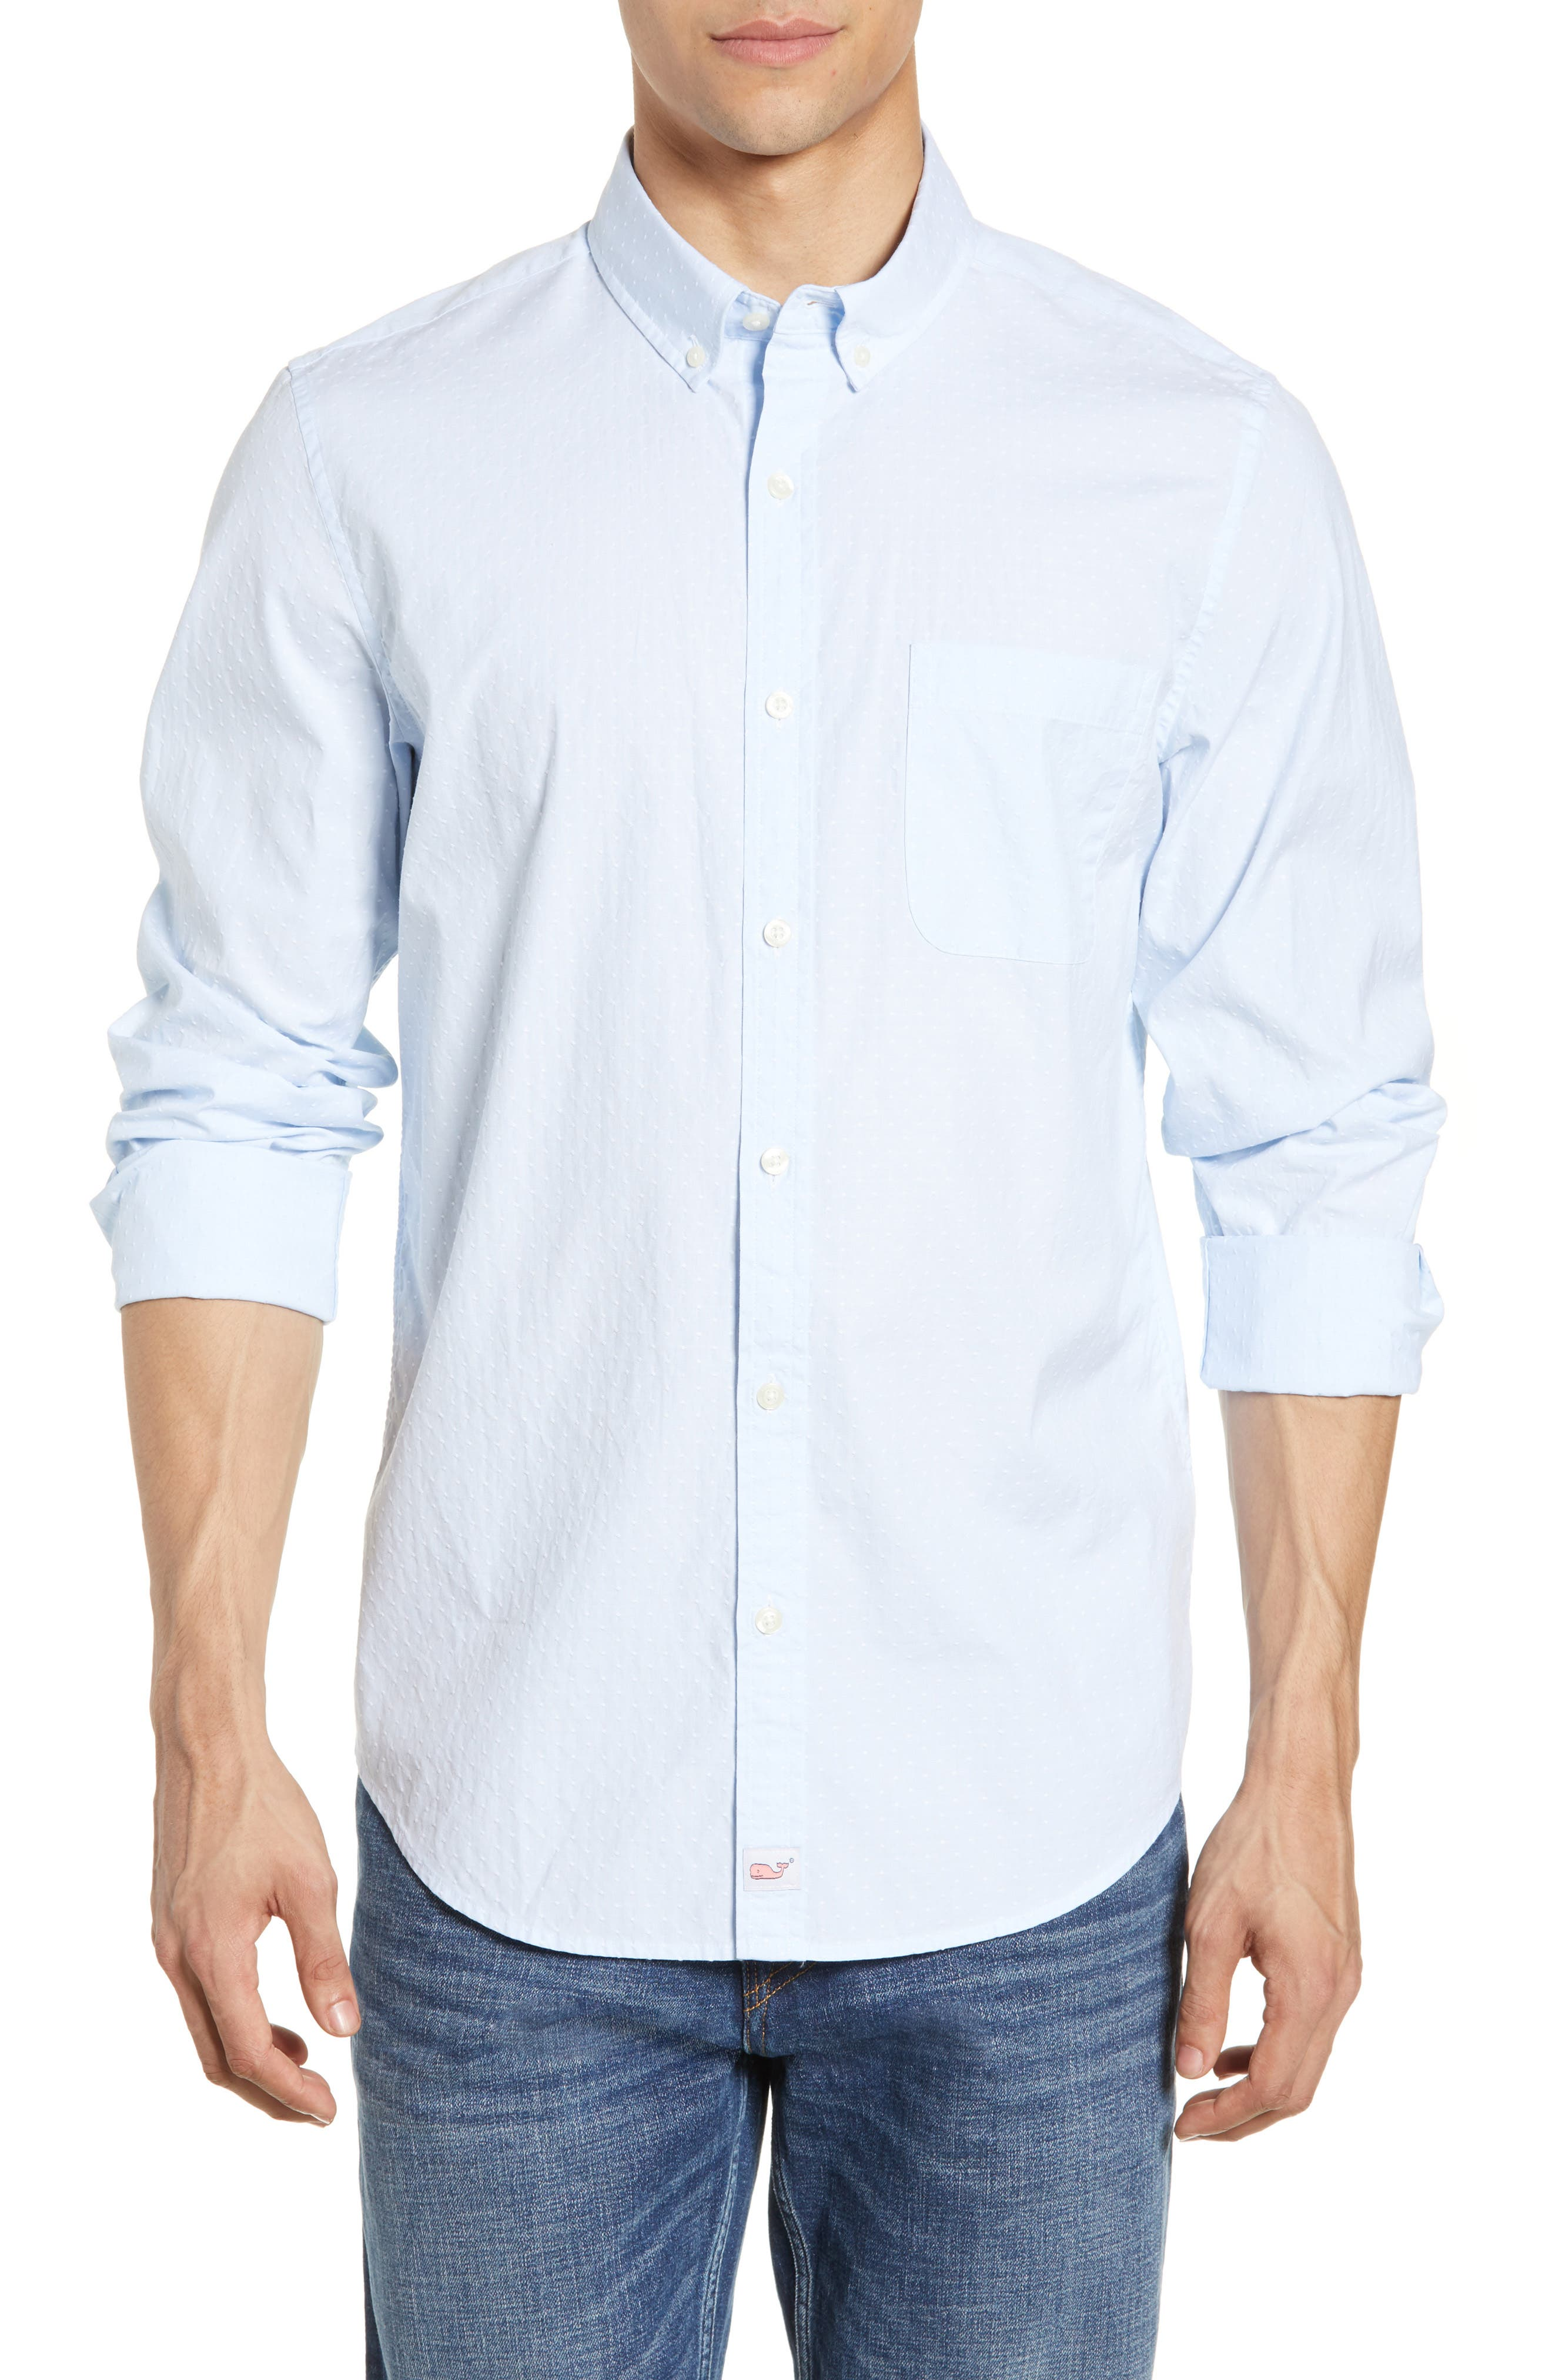 VINEYARD VINES, Wavine Slim Fit Dobby Sport Shirt, Main thumbnail 1, color, JAKE BLUE